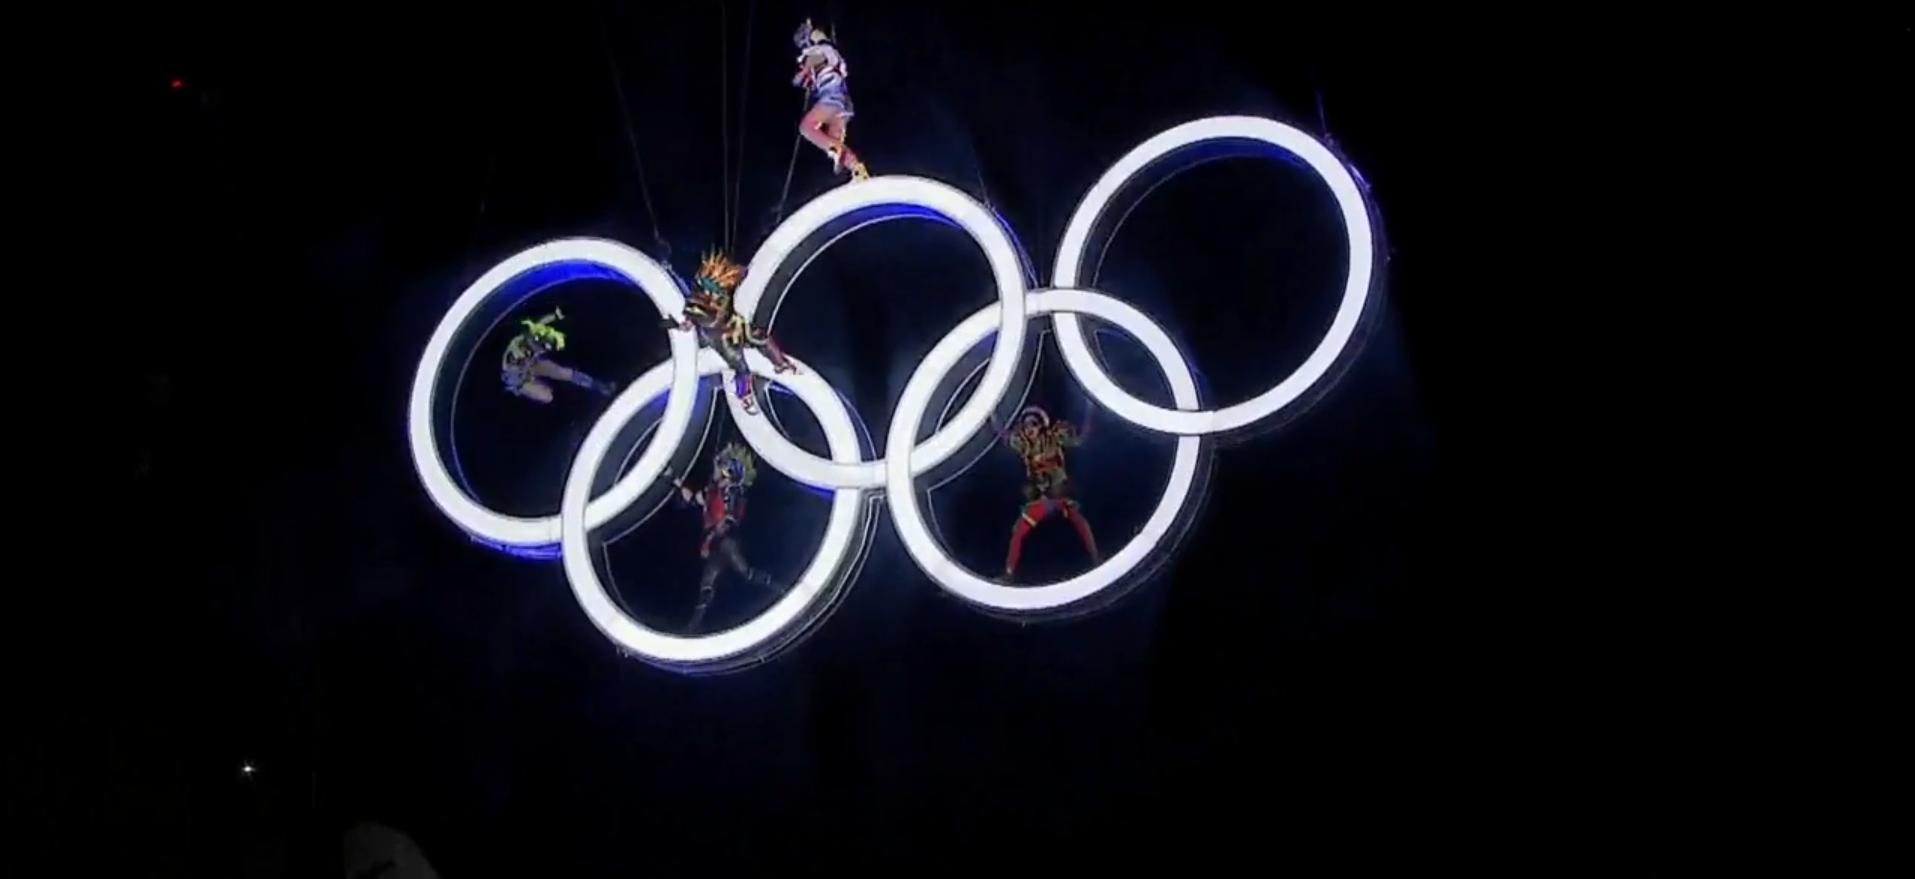 Así fue el espectacular show de Fuerza Bruta en la inauguración de los Juegos Olímpicos de la Juventud